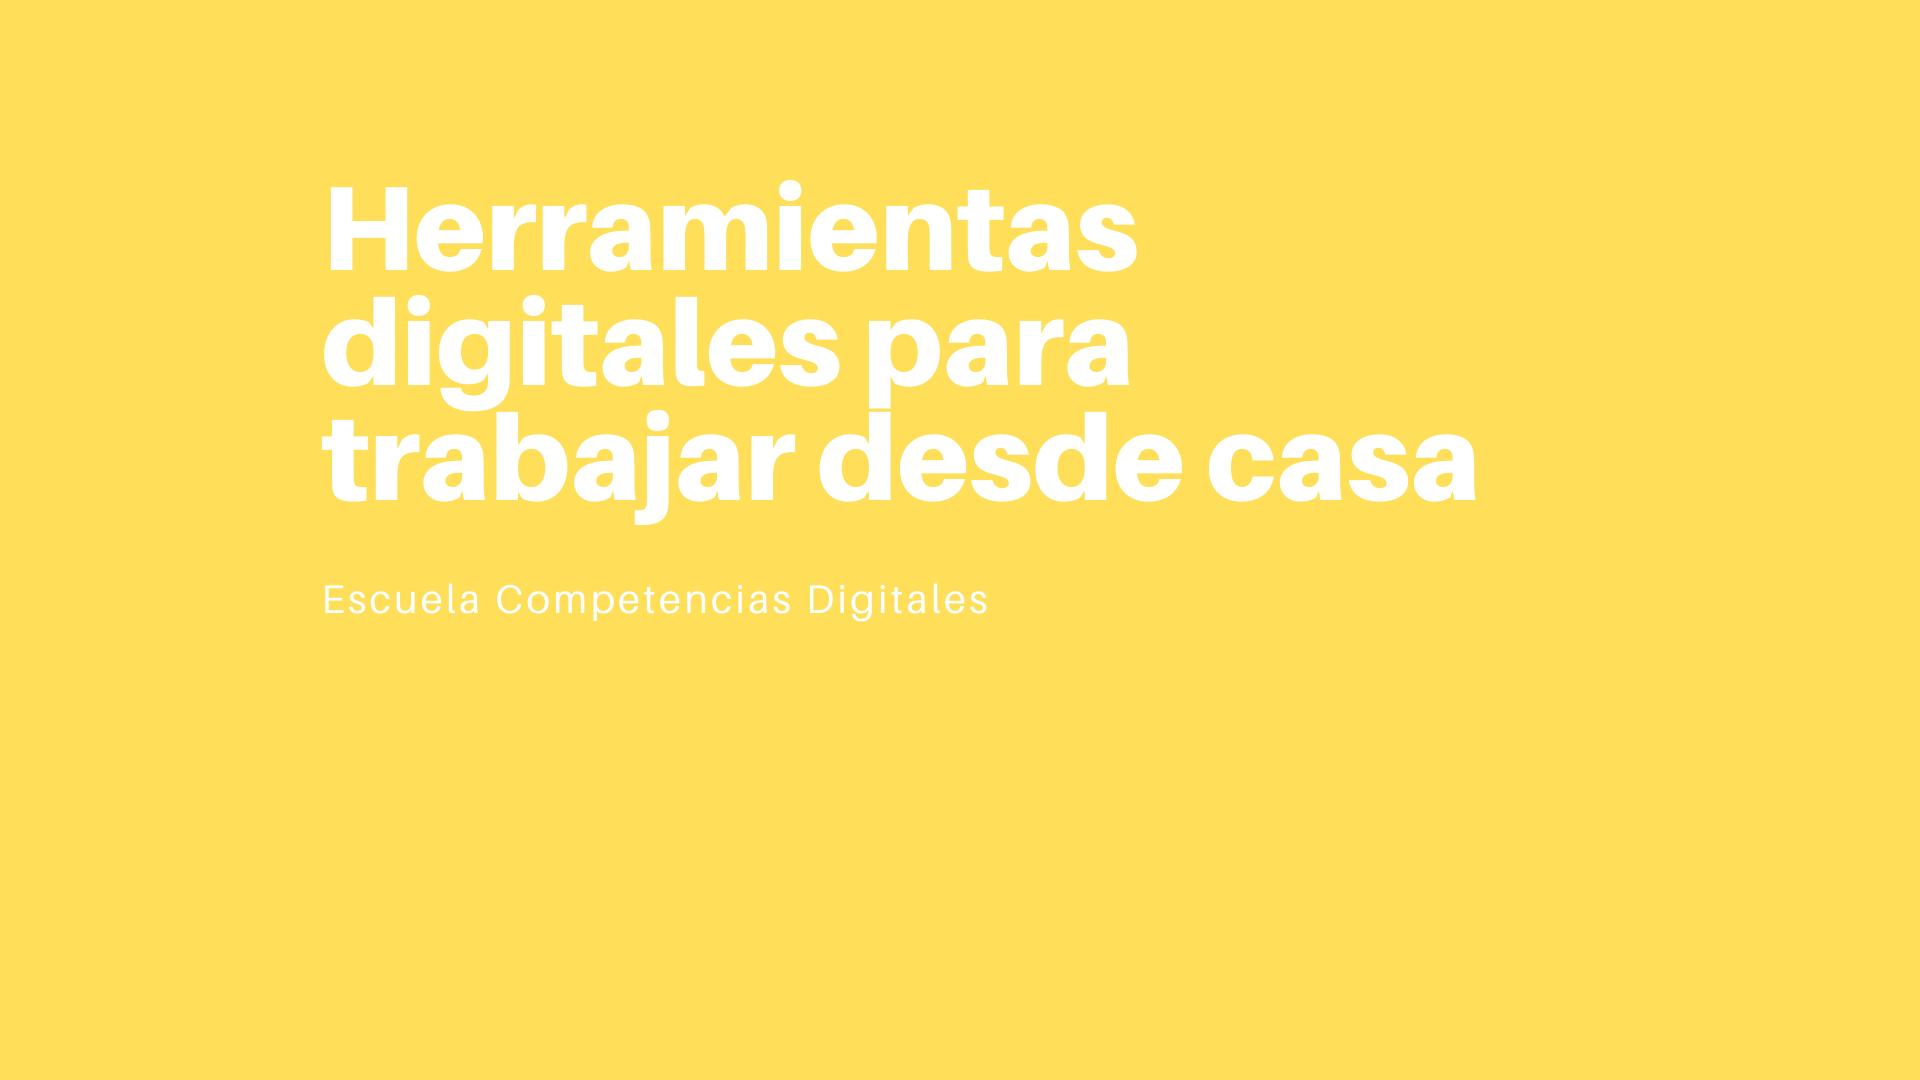 Herramientas digitales para trabajar desde casa